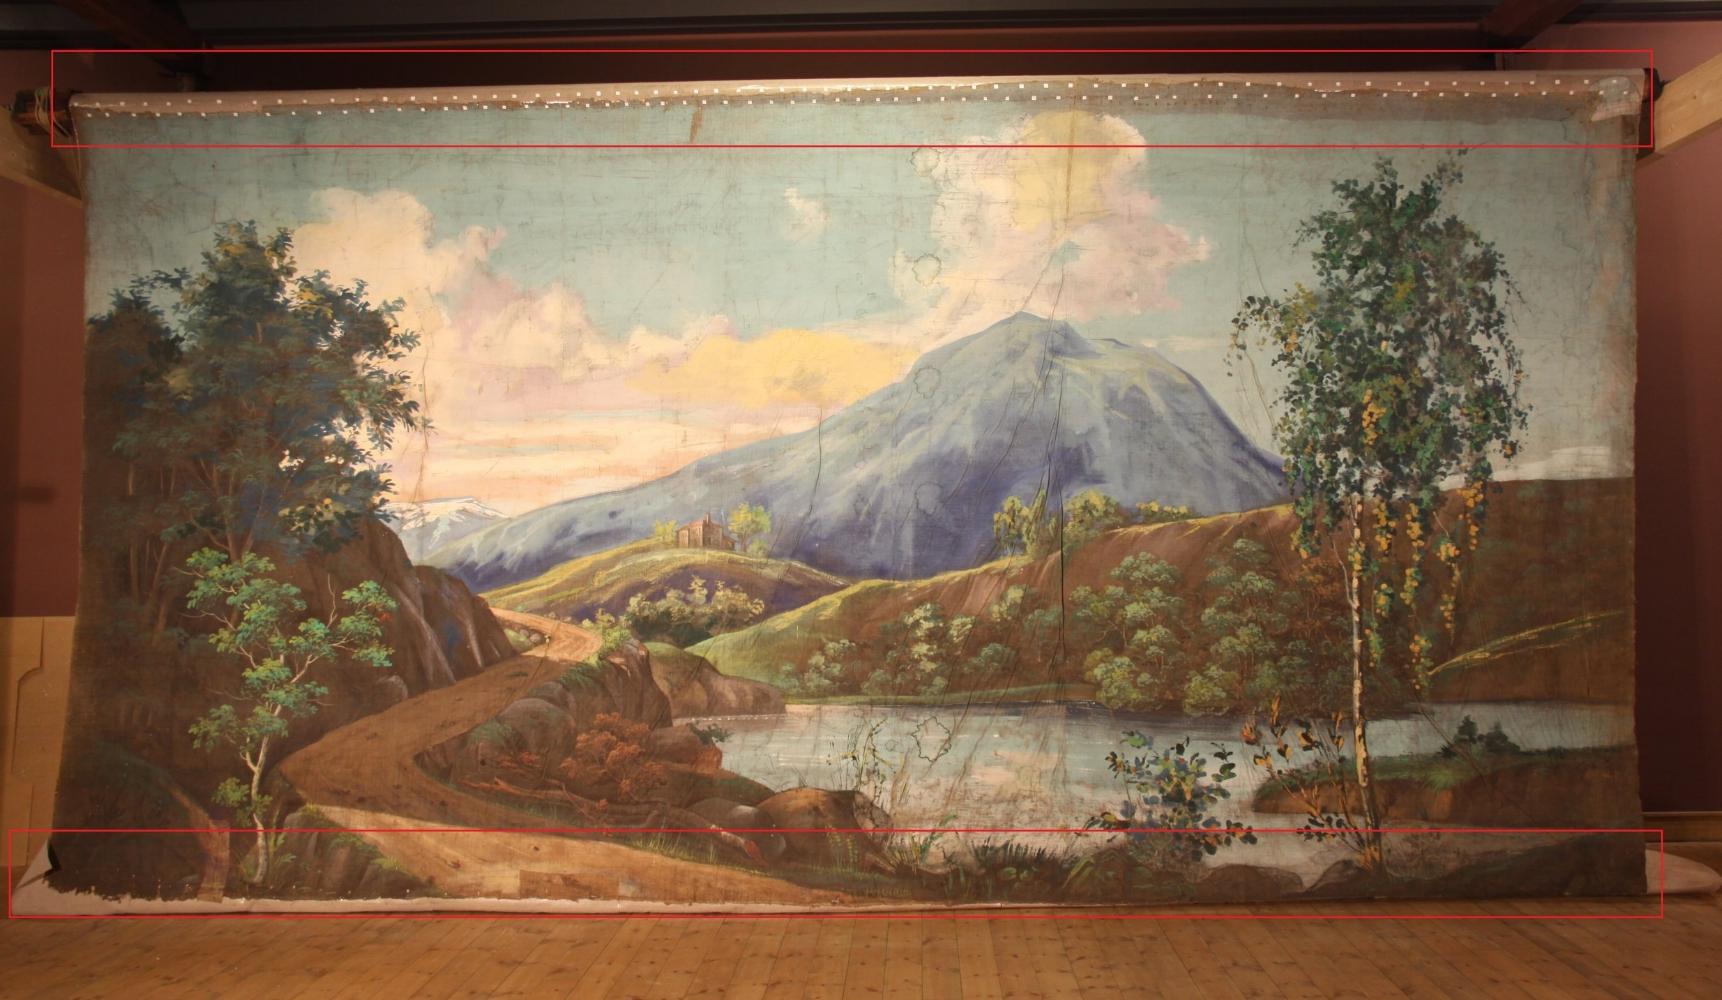 Randbedoeking op achterdoek in rood. Geschilderd door Gjøs, ca 1847 in collectie Halden Historiske Samlinger, Østfold Museum. Foto -Ola Sæther